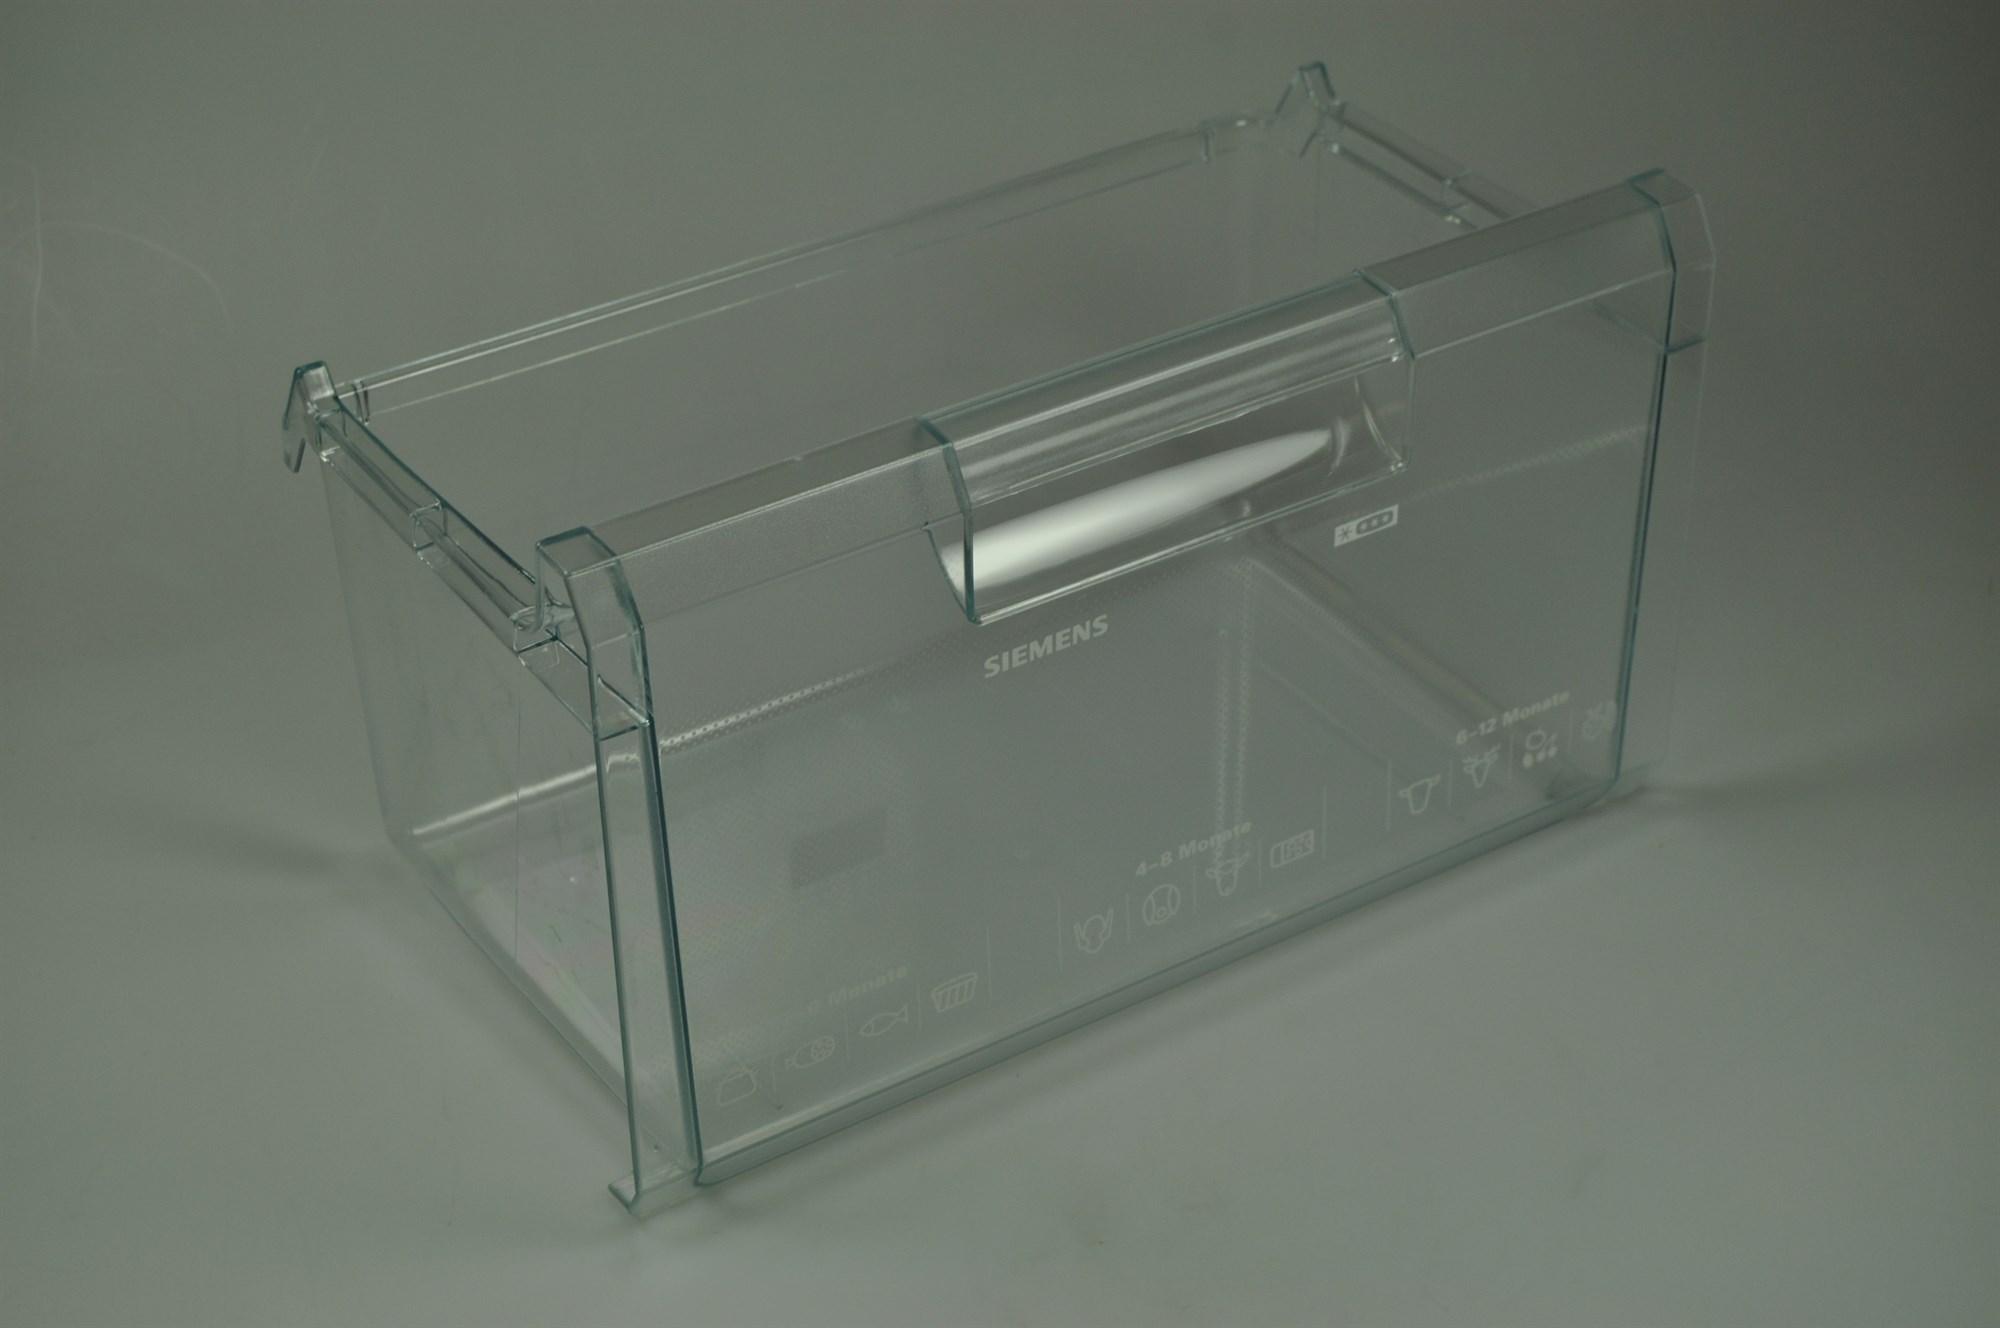 Siemens Kühlschrank Ersatzteile Gefrierfach : Gefrierschublade siemens kühl gefrierschrank unten